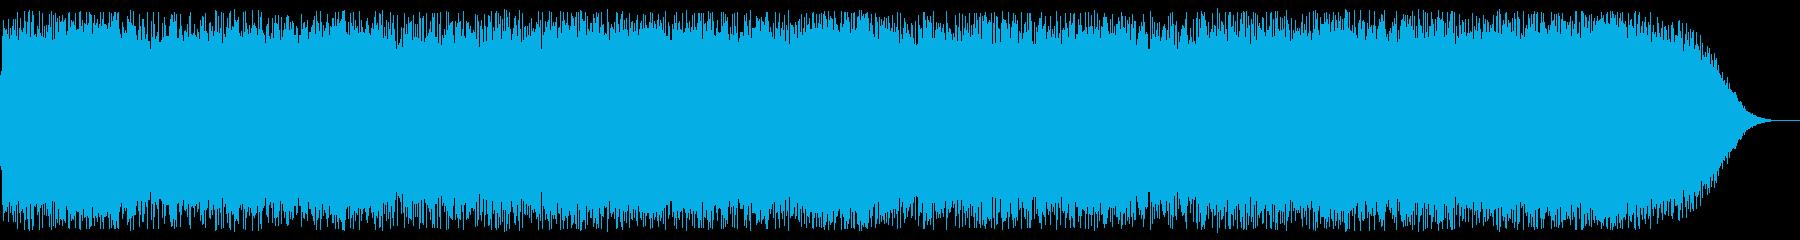 ファンタジー系ゲームボスバトル曲の再生済みの波形